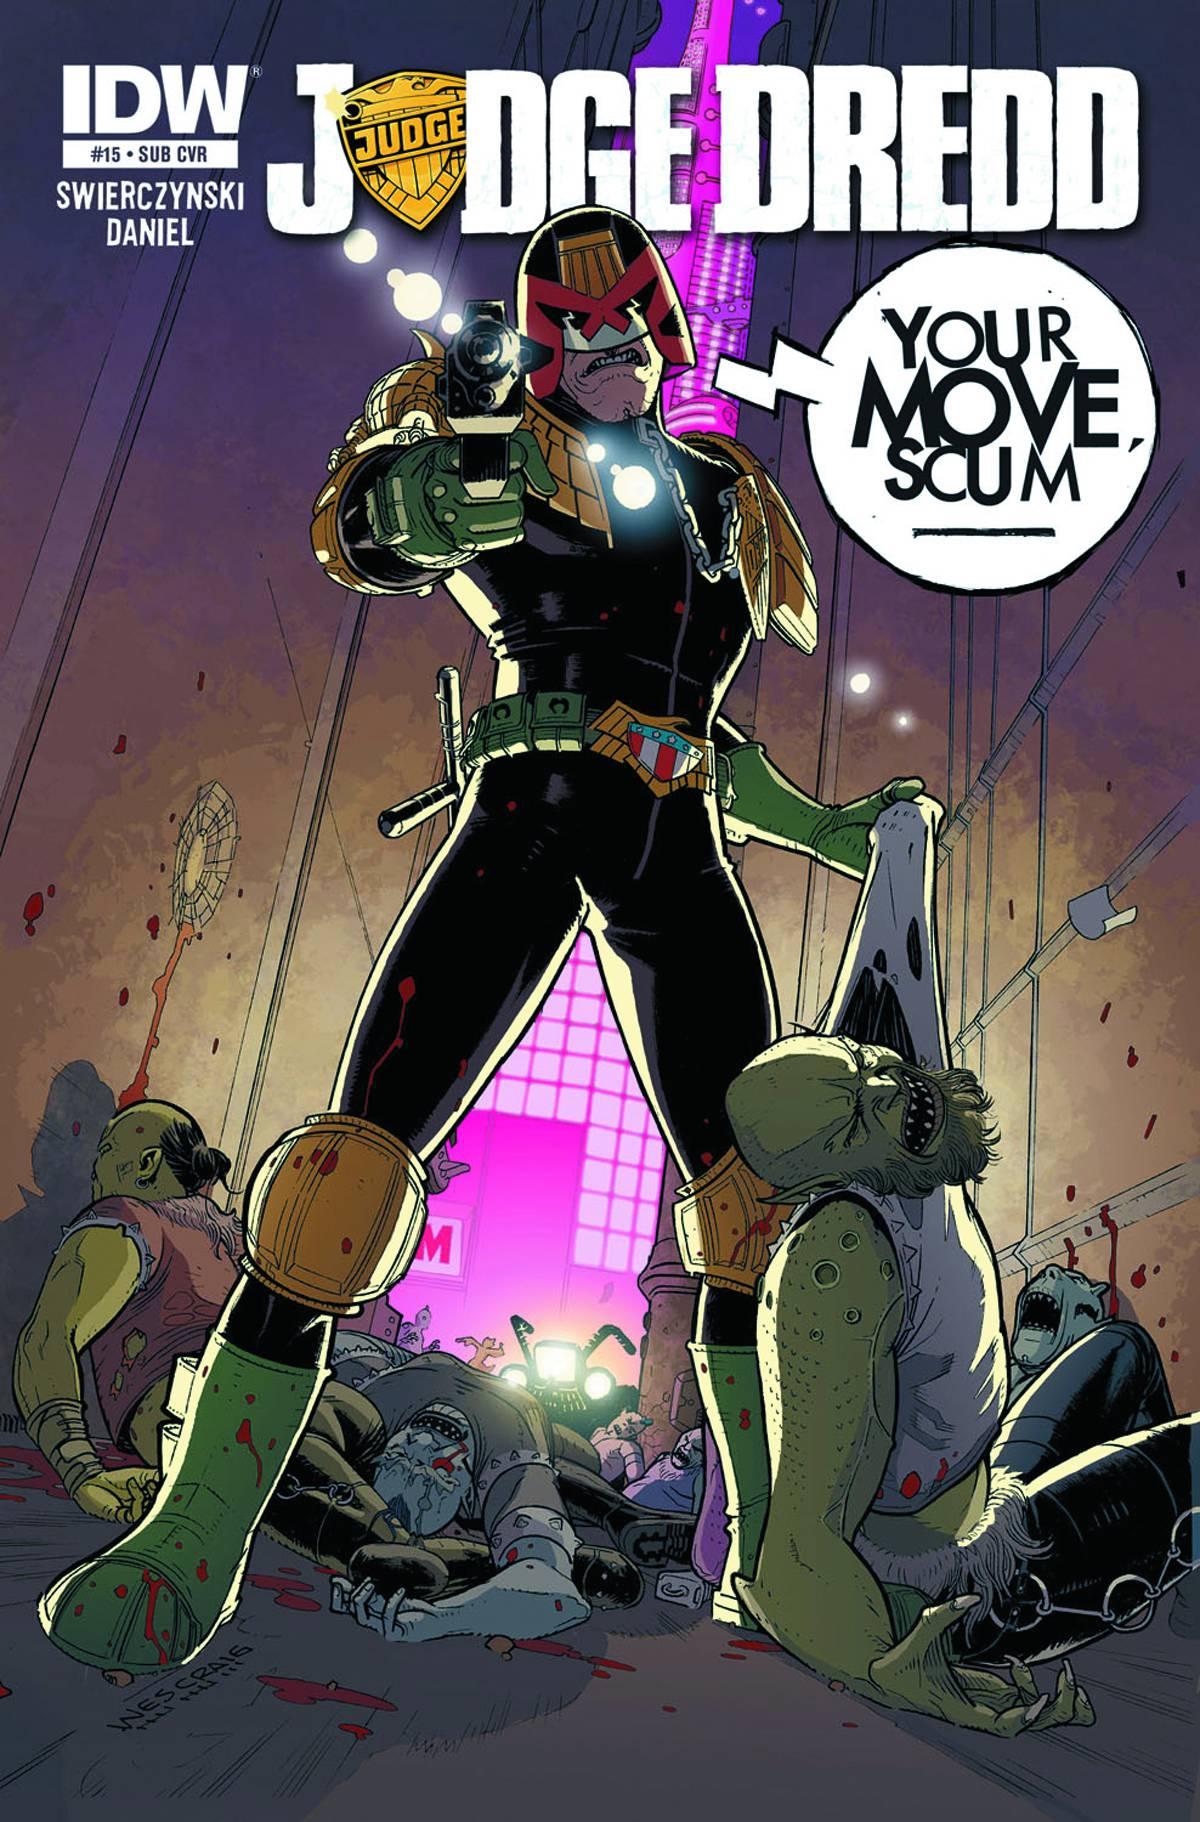 Judge Dredd 15 Subscription Cover Fresh Comics